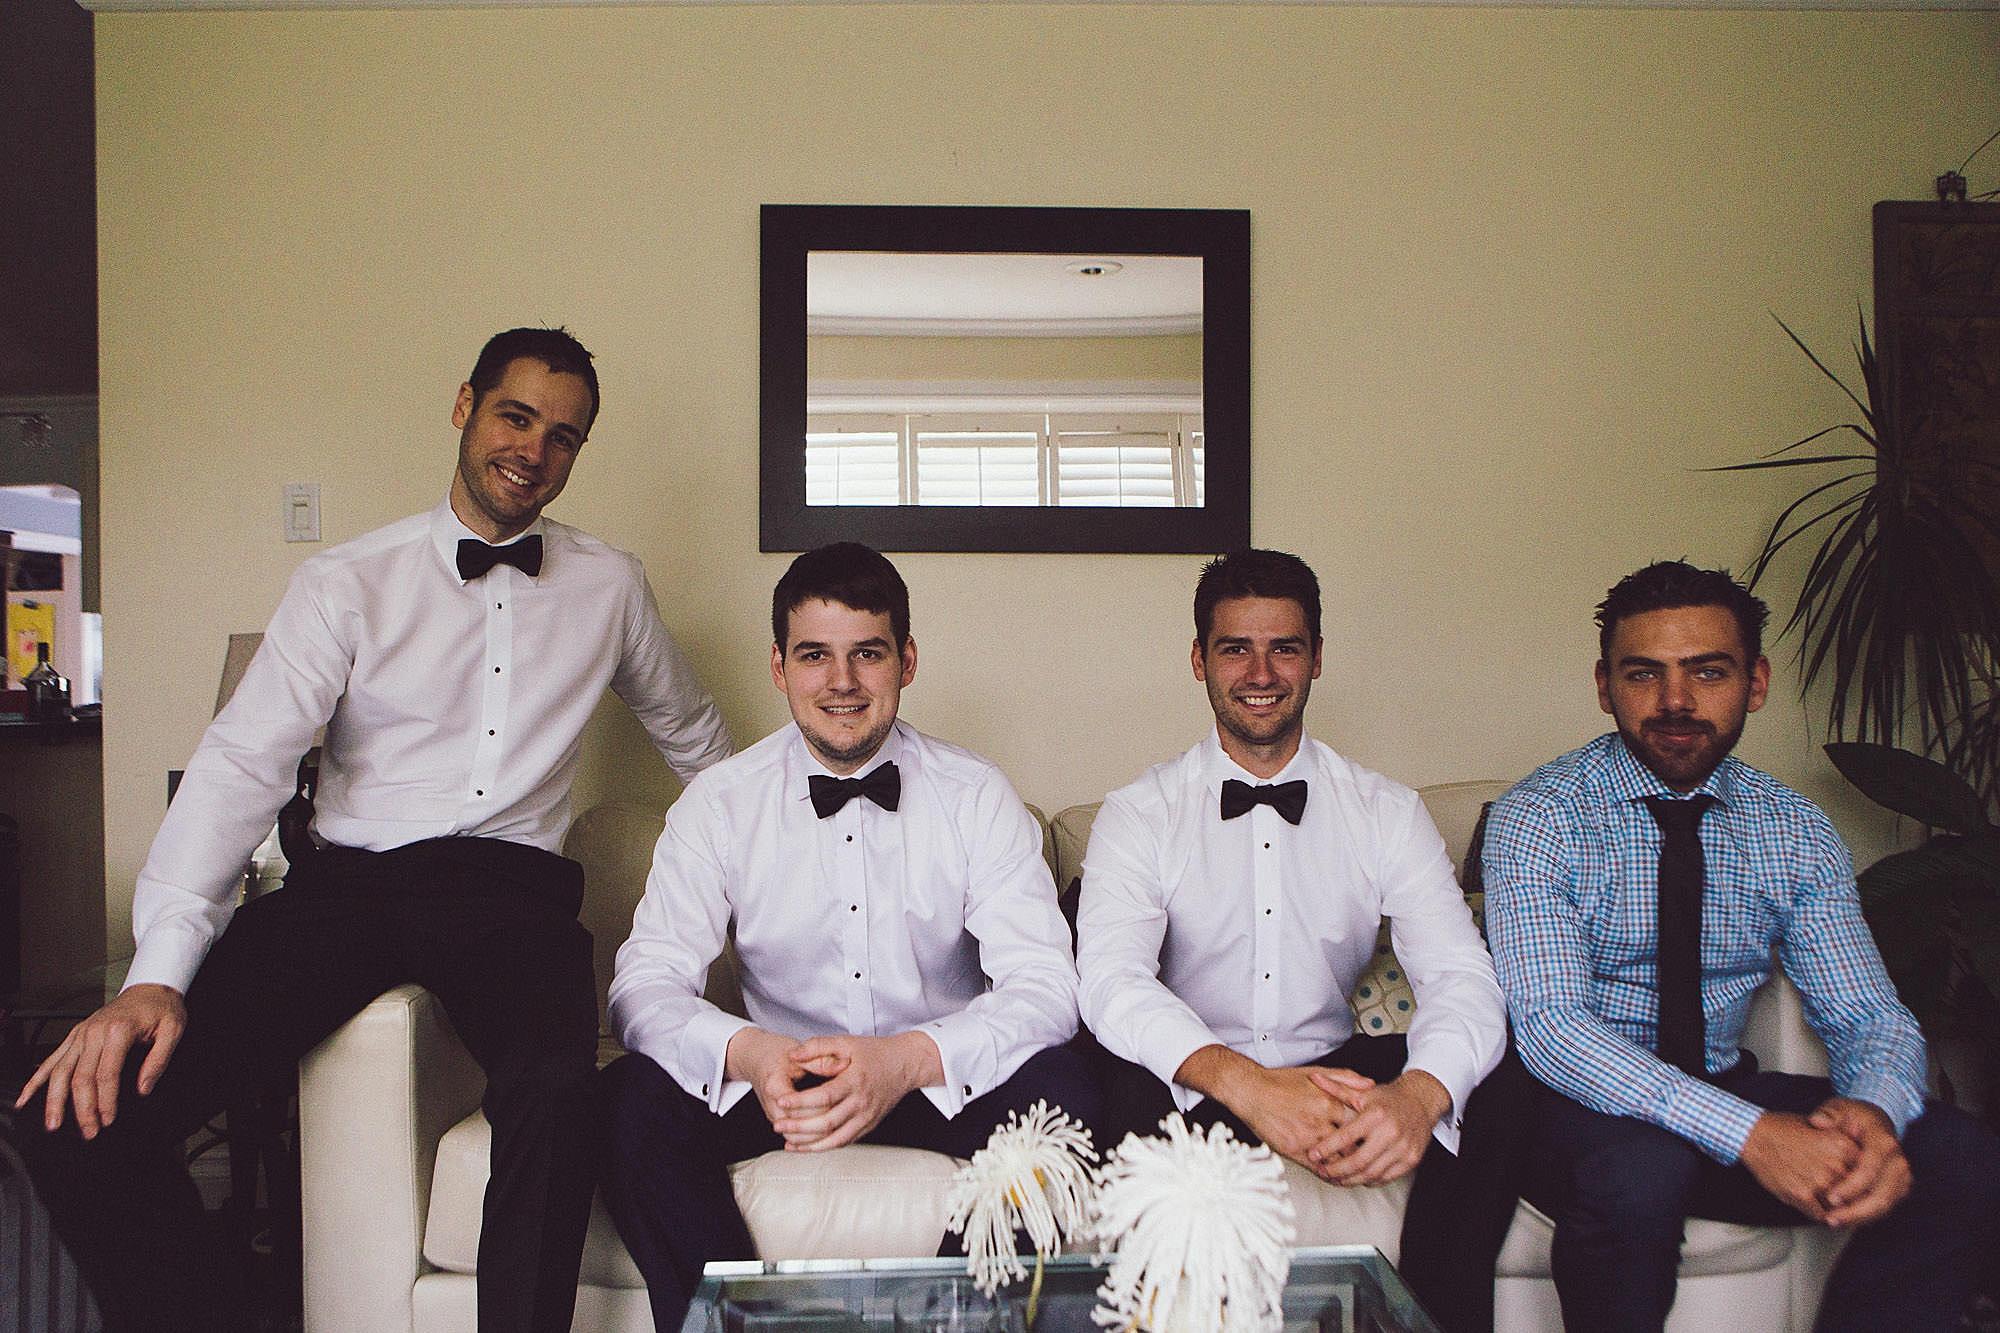 Groomsmen pose for a photos